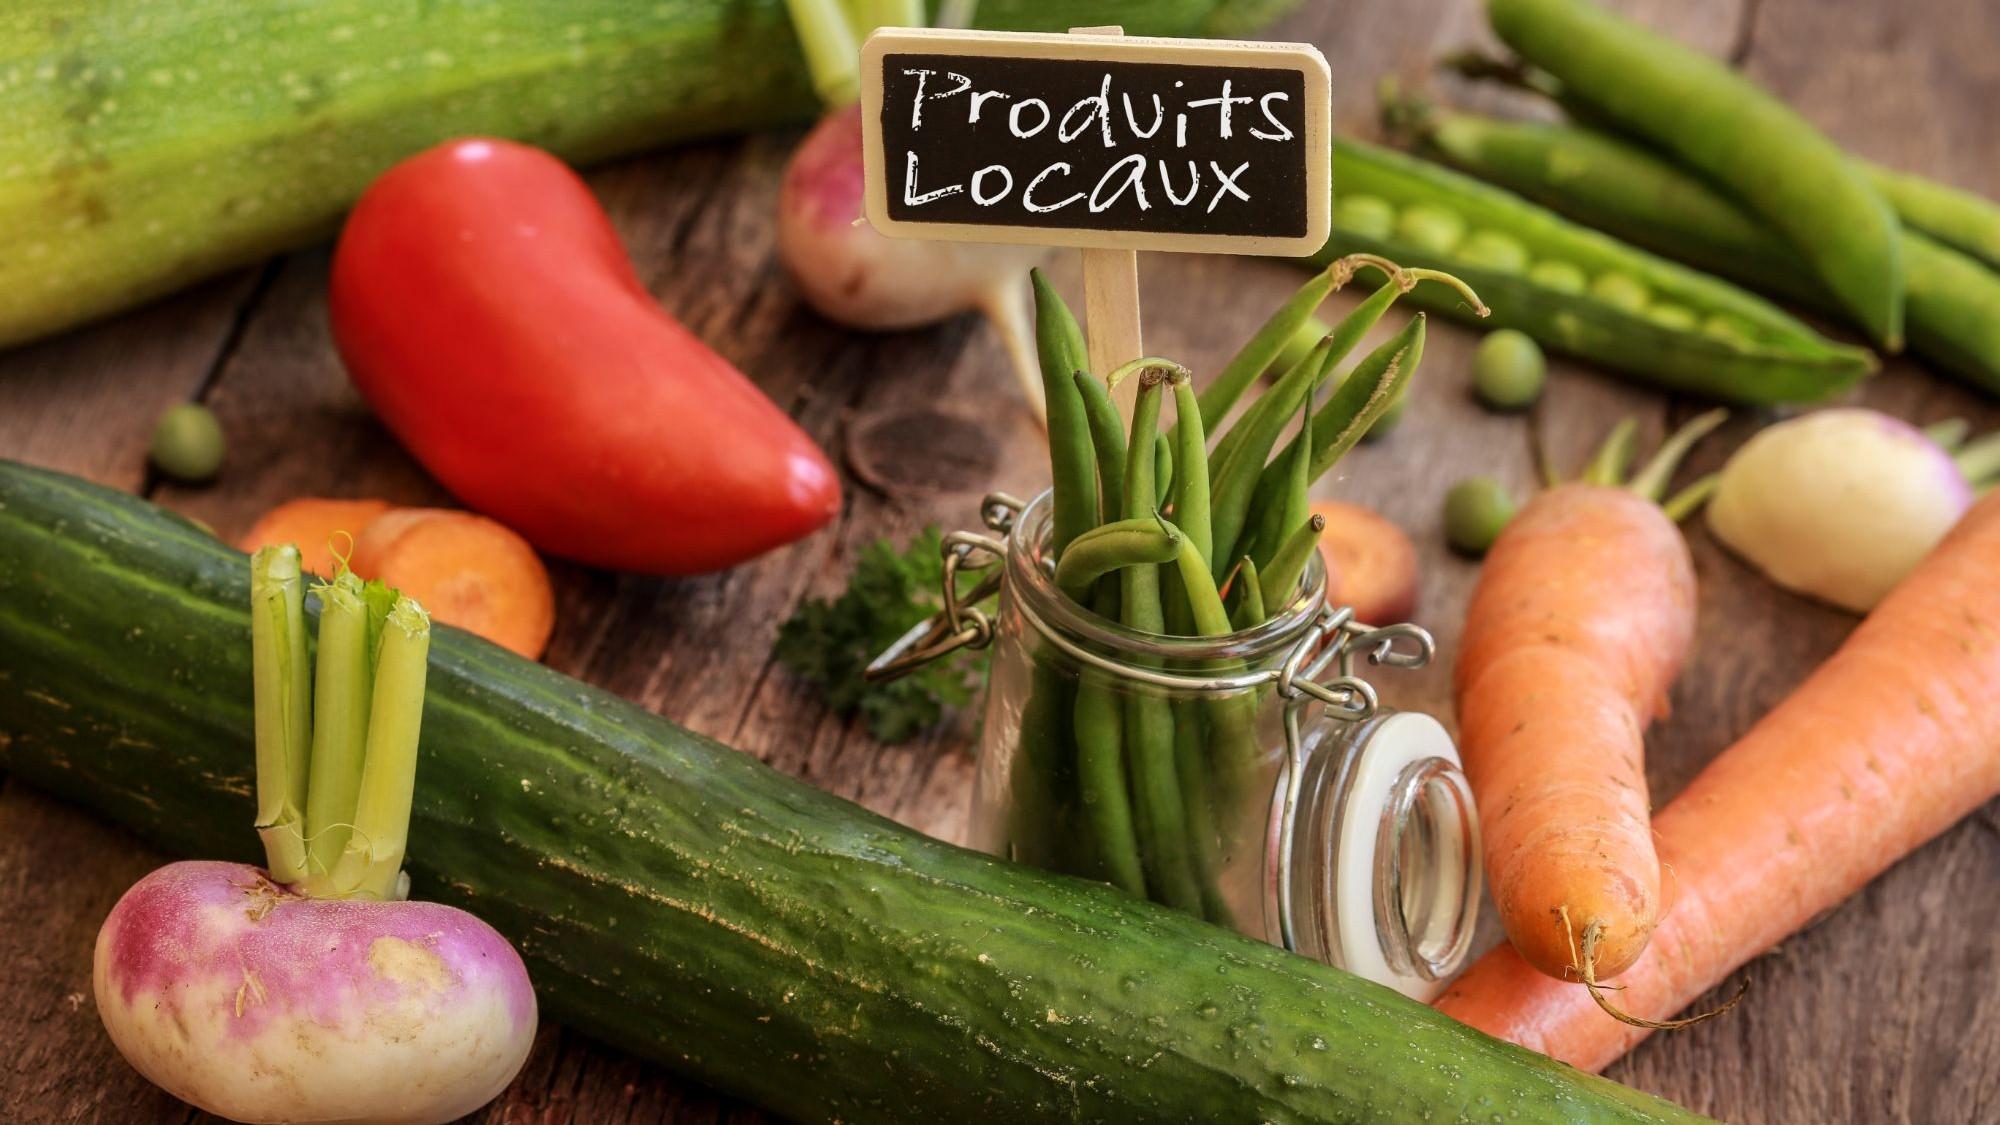 Représentation de la formation : ALR02 - Introduire des produits vertueux (SIQO, local…) dans ses achats alimentaires